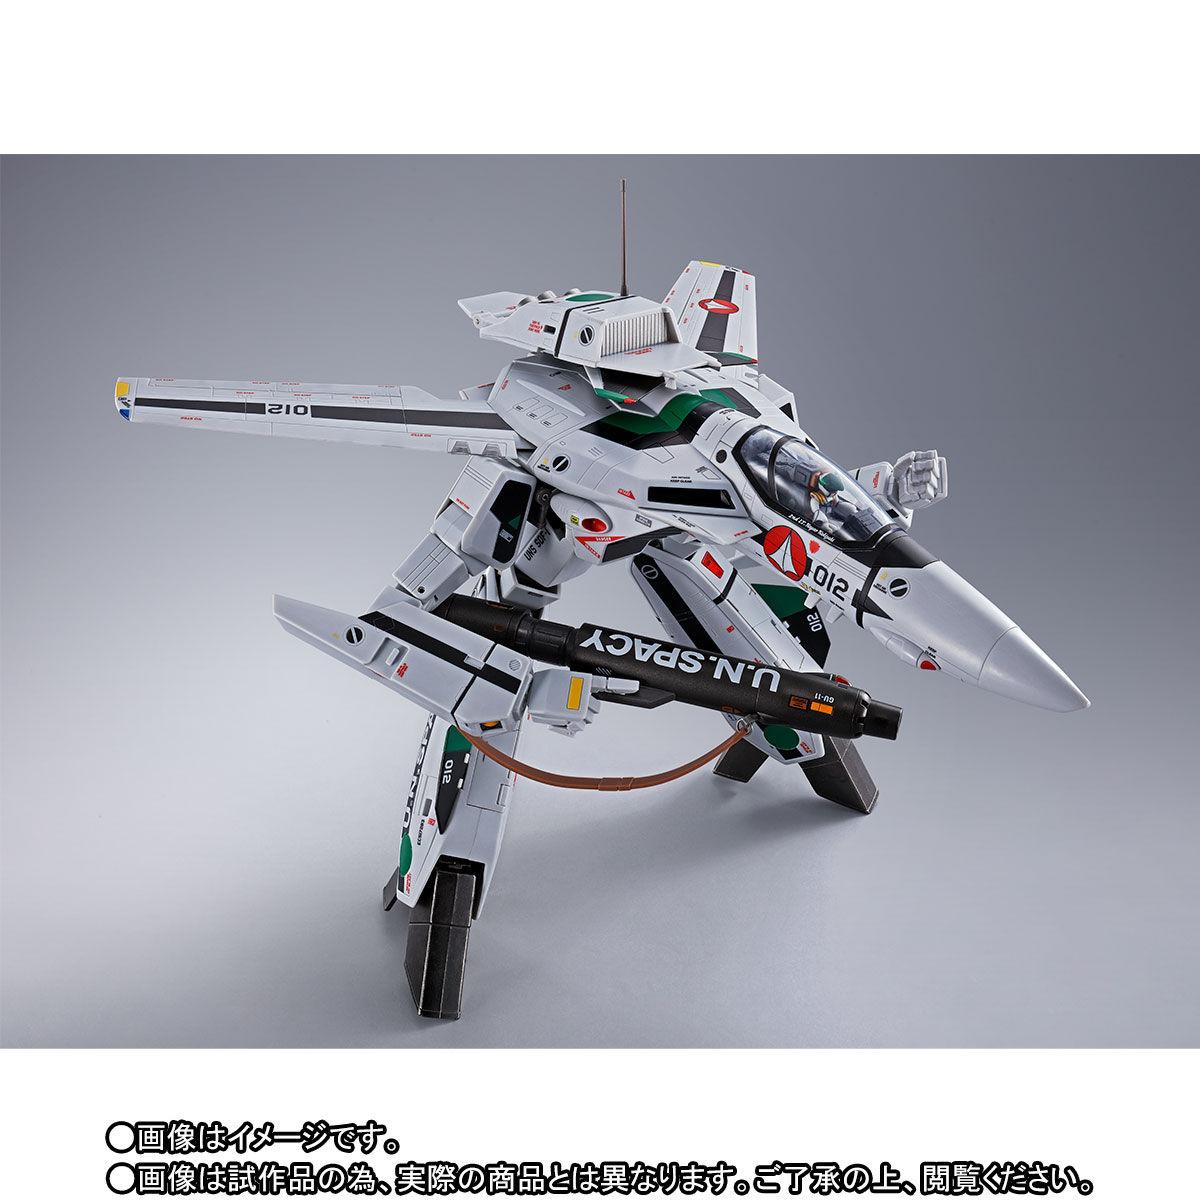 【限定販売】DX超合金『劇場版VF-1A バルキリー(柿崎速雄機)』超時空要塞マクロス 可変可動フィギュア-004